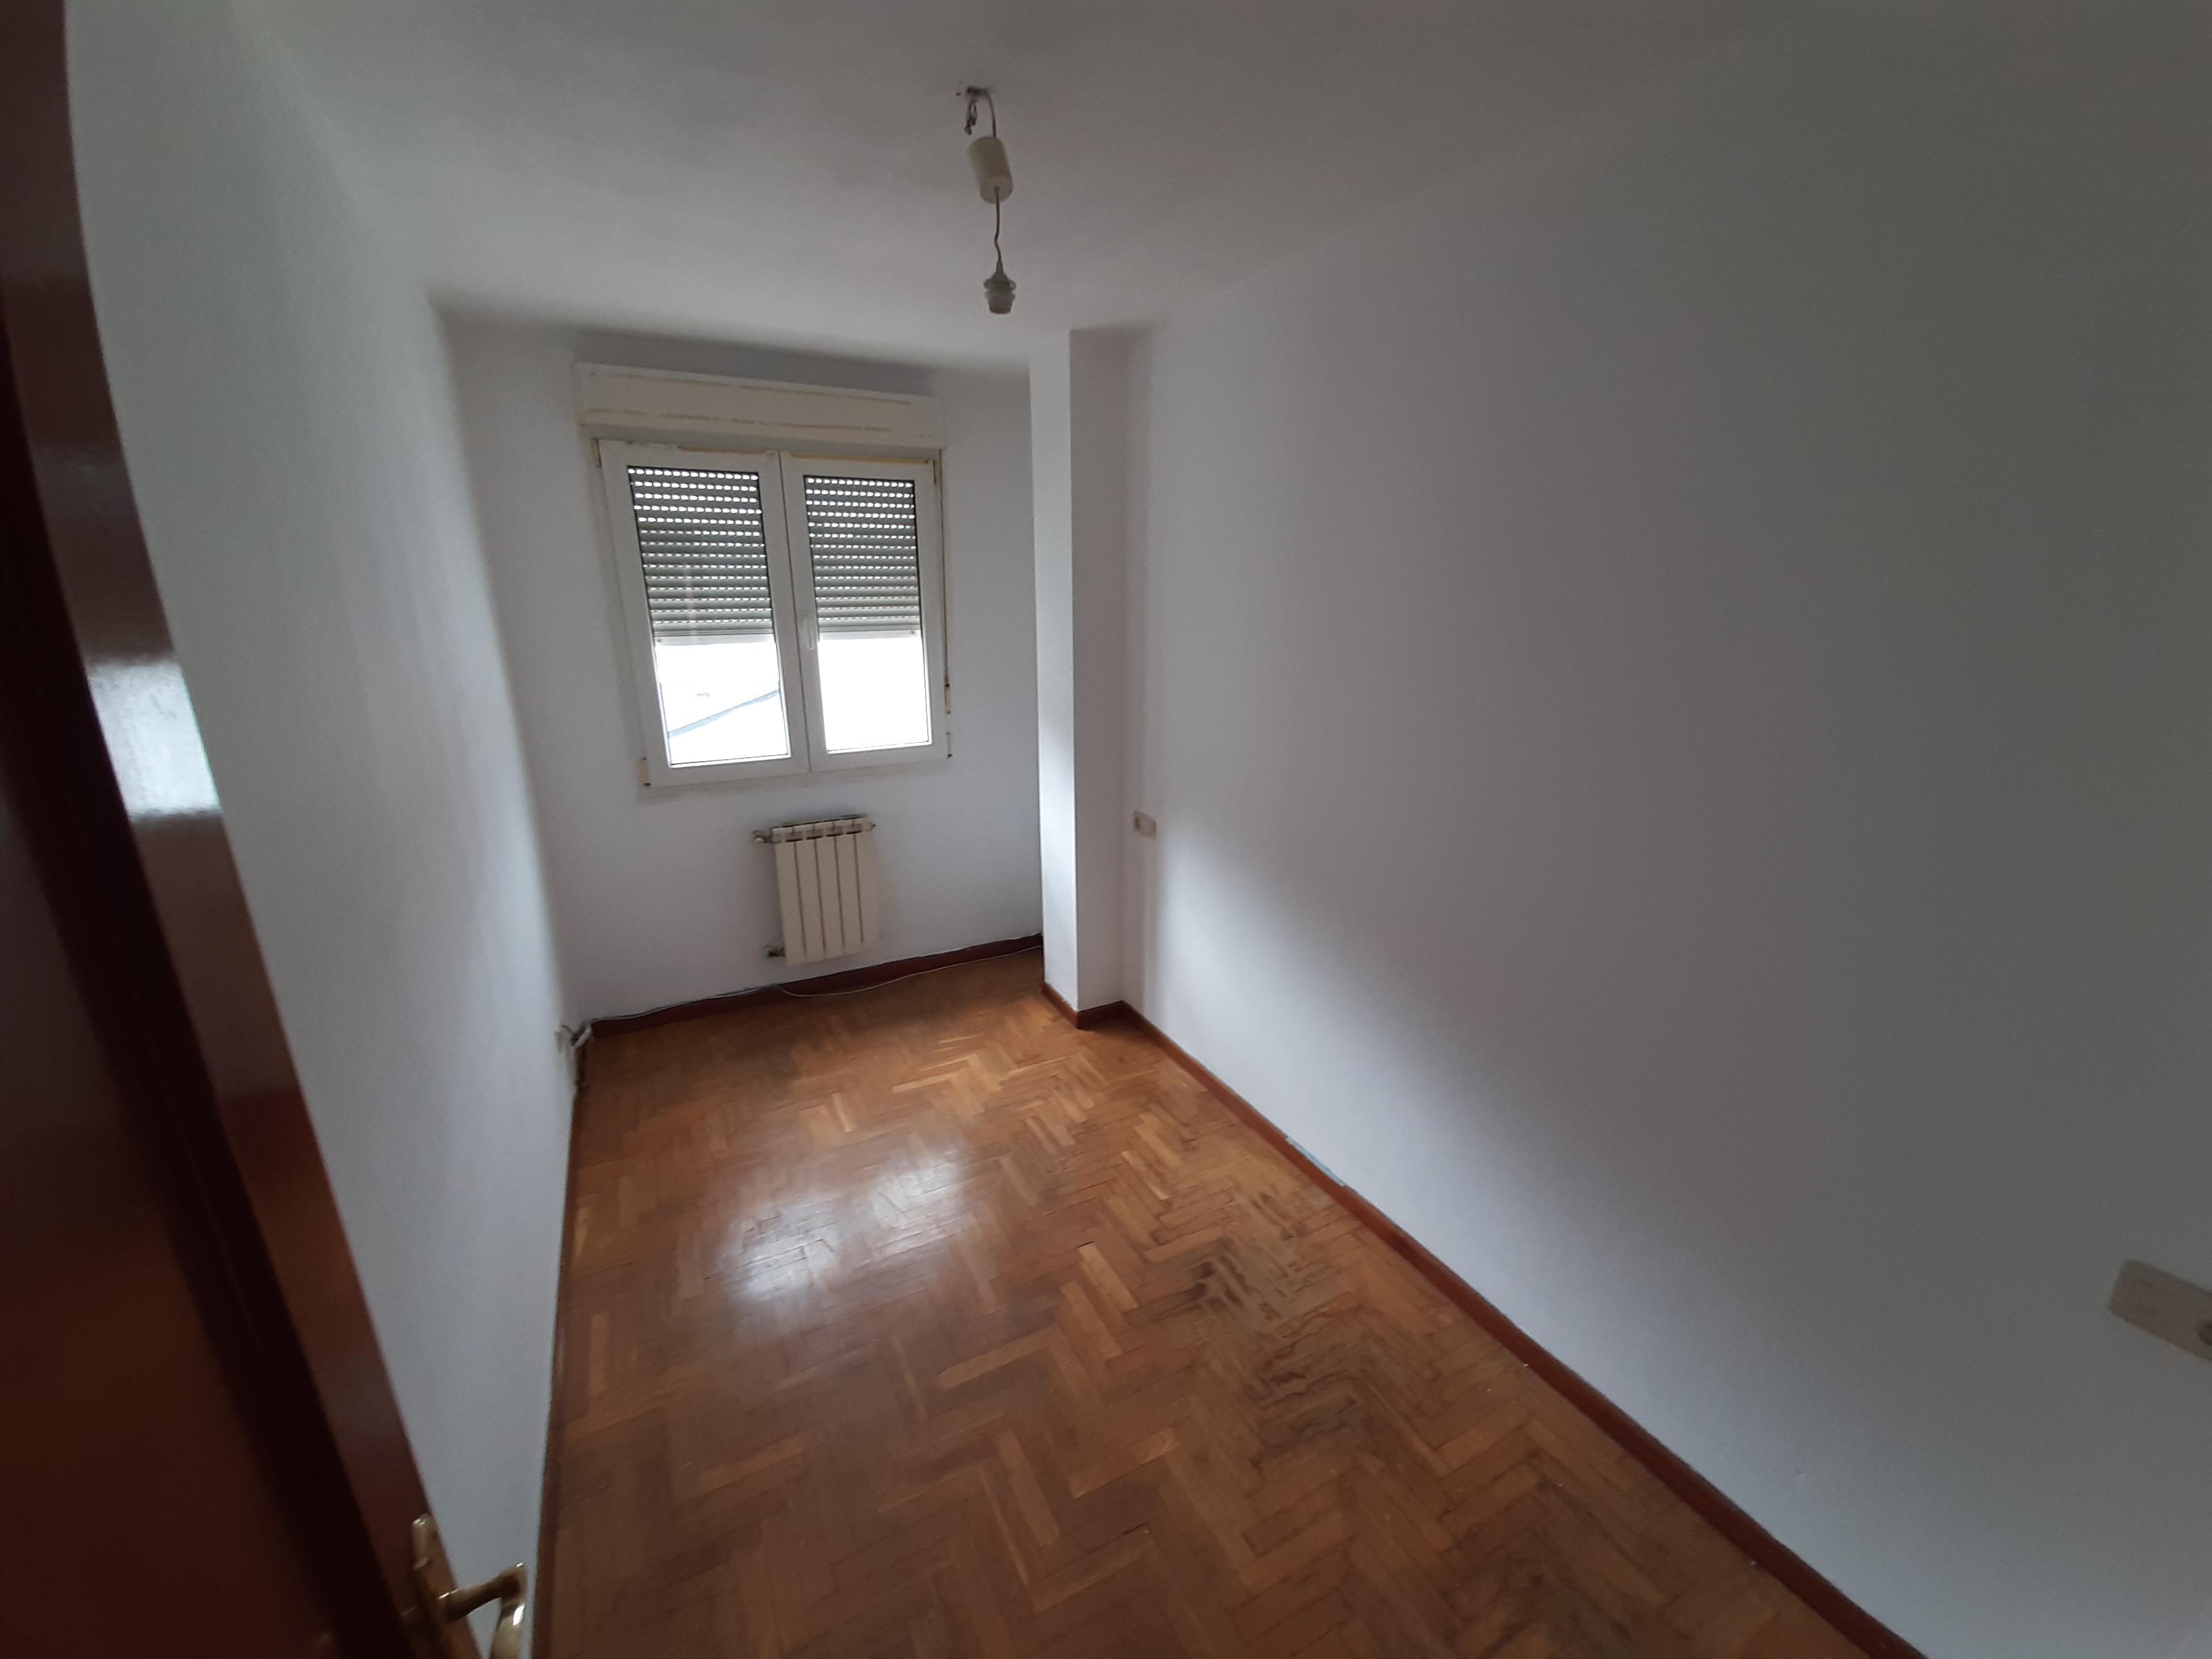 Piso en venta en Piso en Siero, Asturias, 150.500 €, 3 habitaciones, 2 baños, 97 m2, Garaje